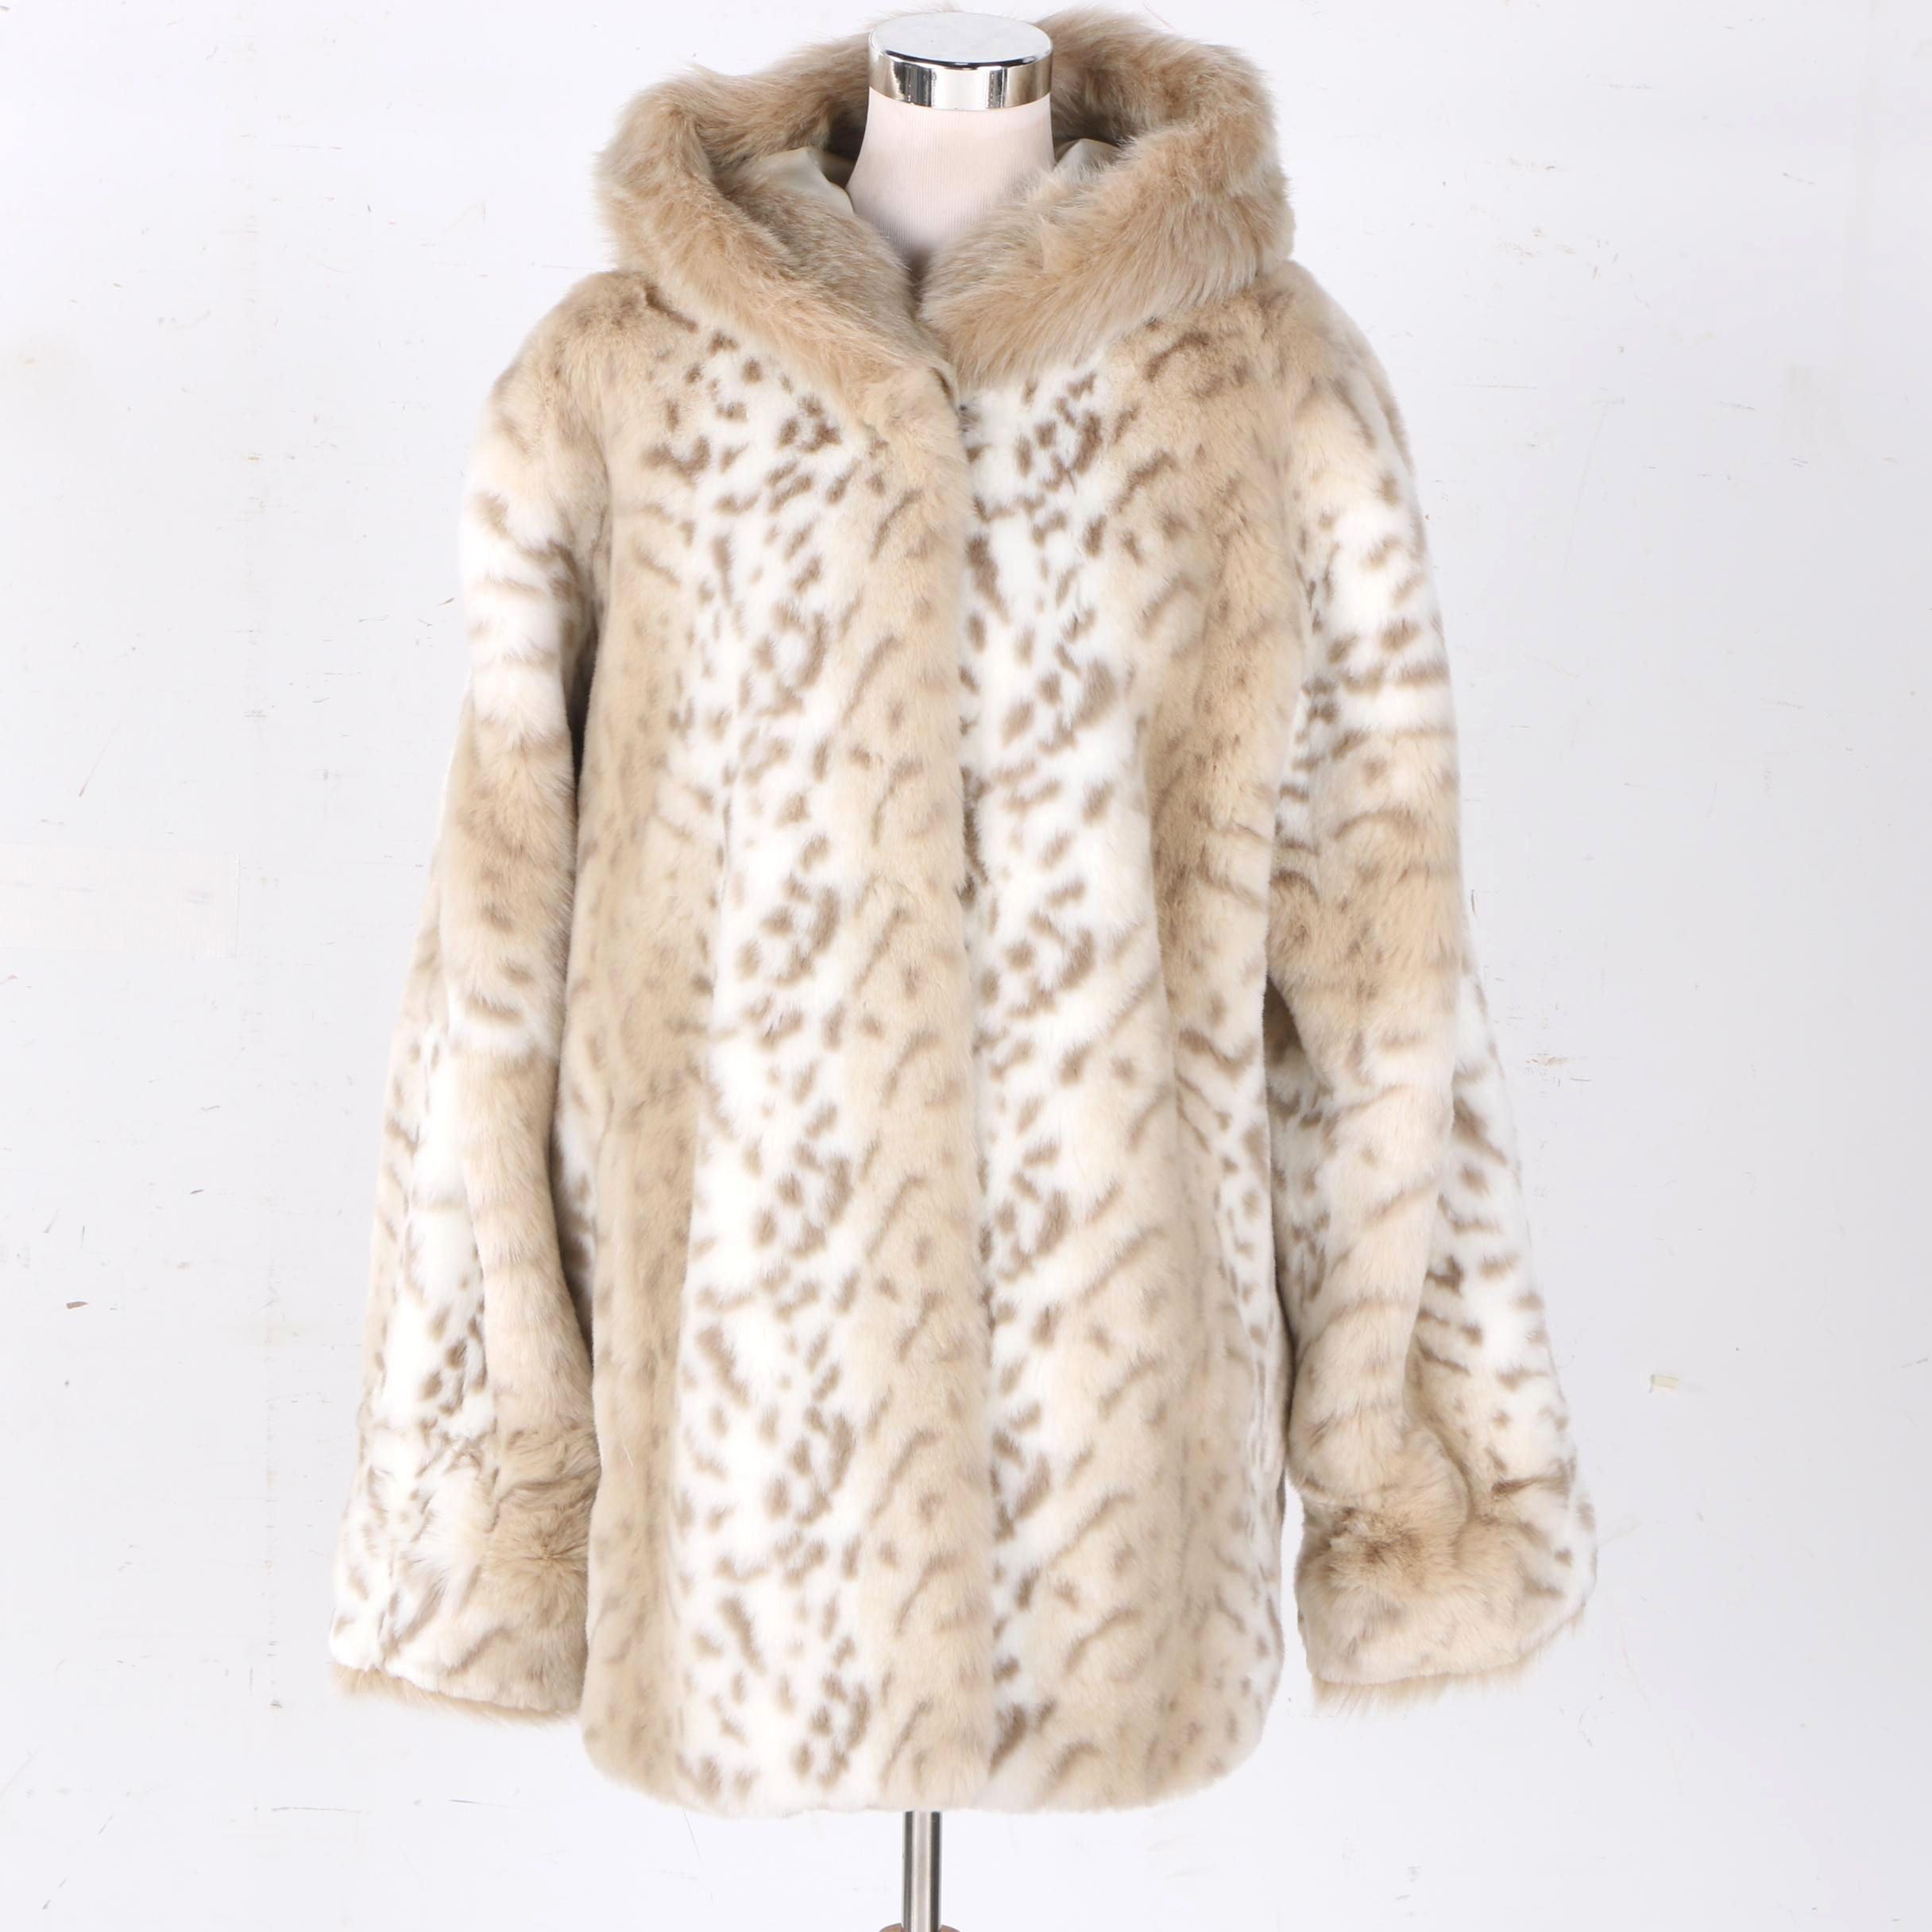 Coldwater Creek Women's Faux Fur Hooded Jacket